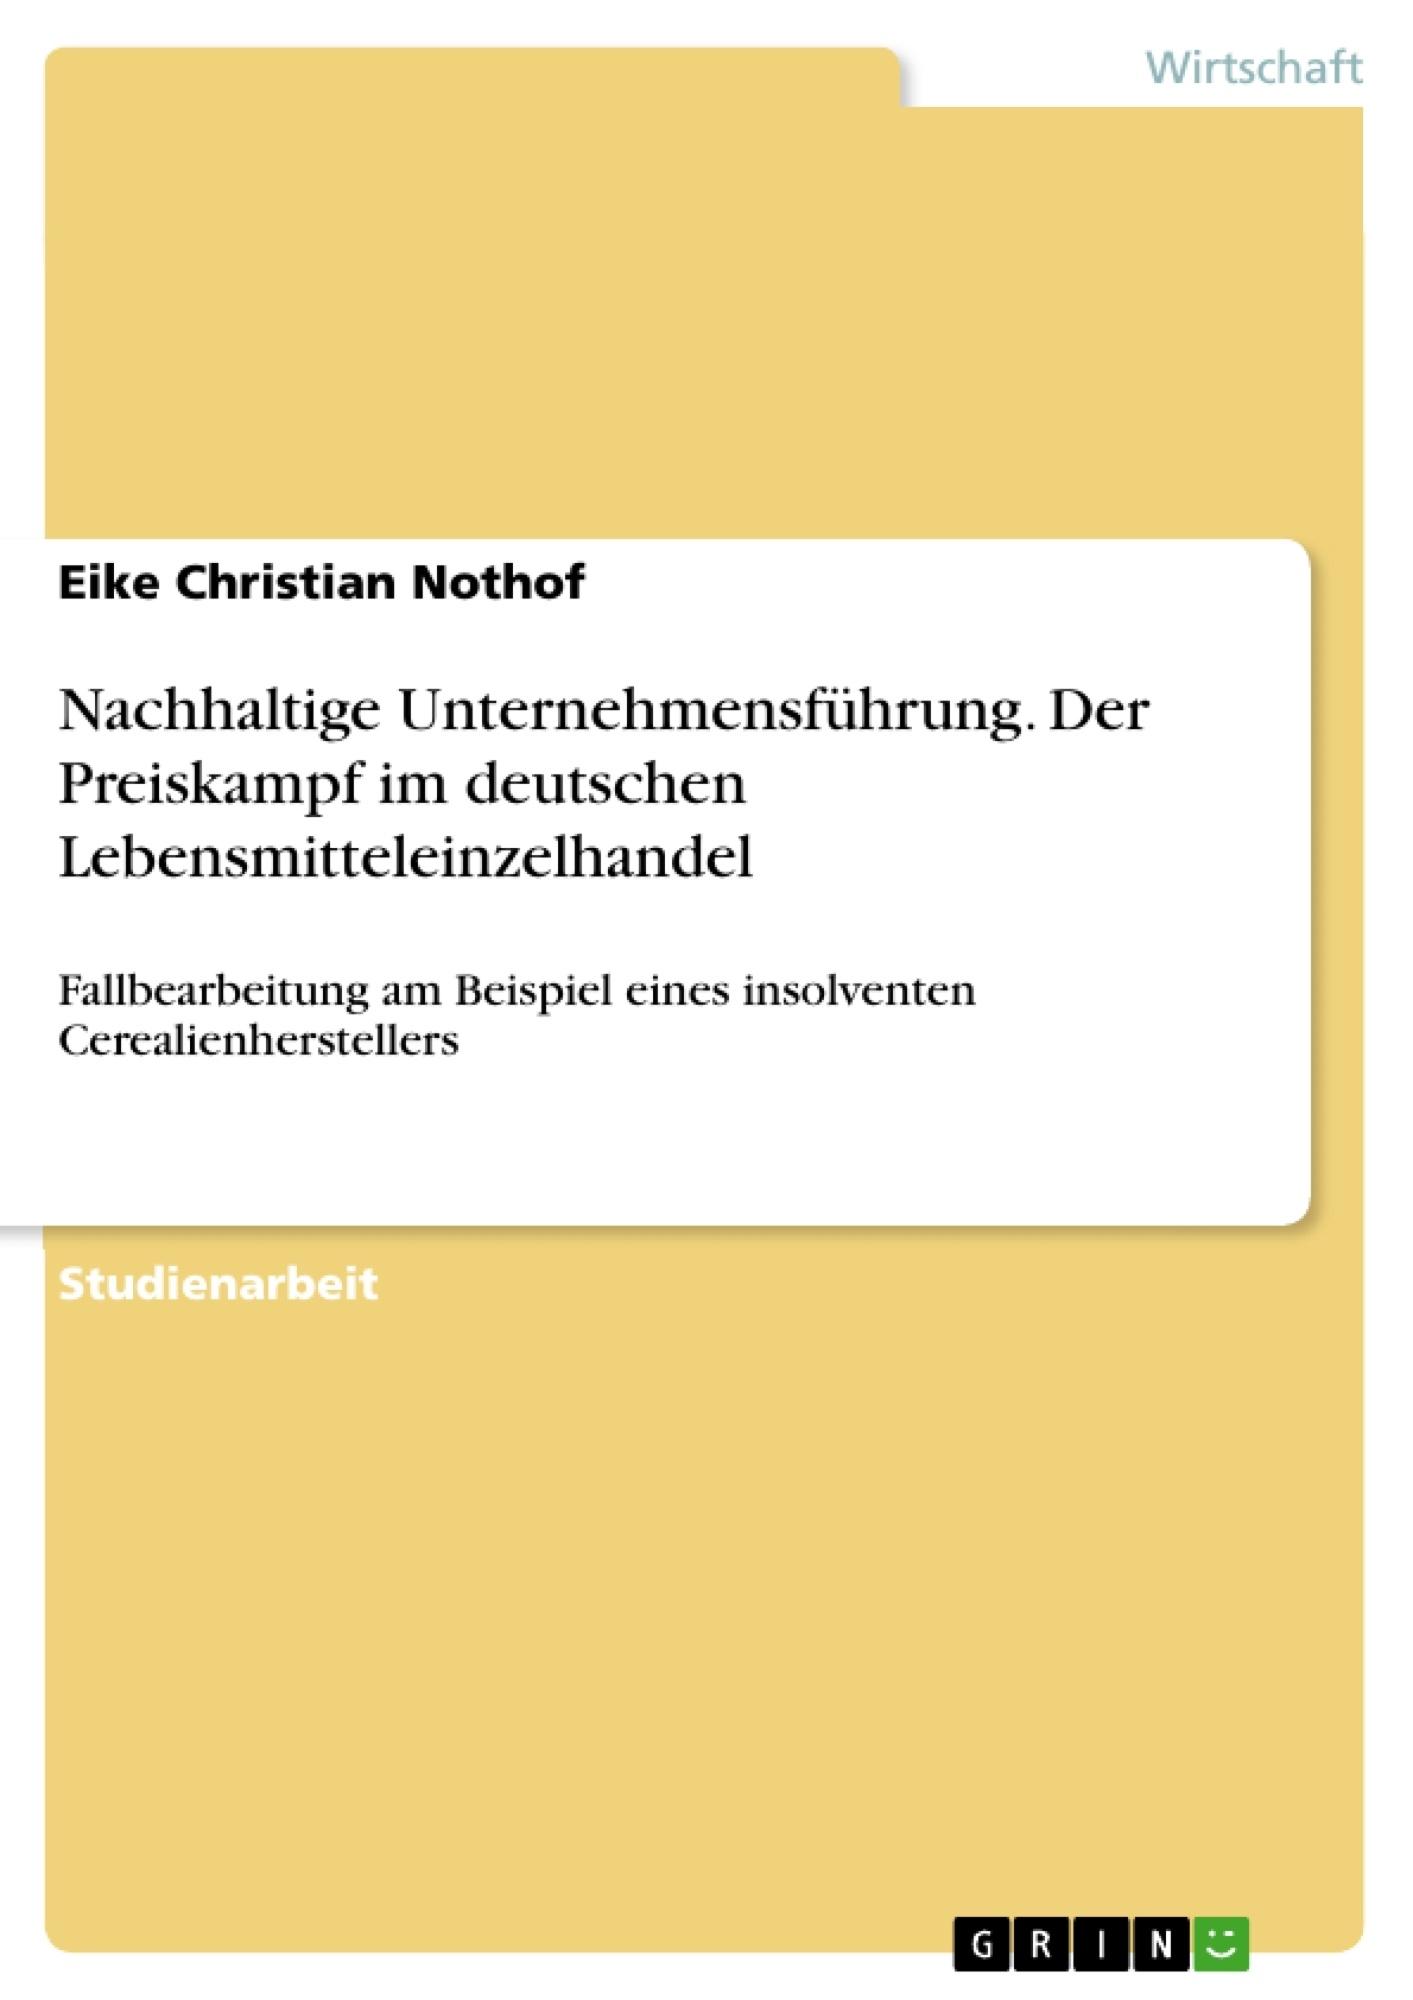 Titel: Nachhaltige Unternehmensführung. Der Preiskampf im deutschen Lebensmitteleinzelhandel